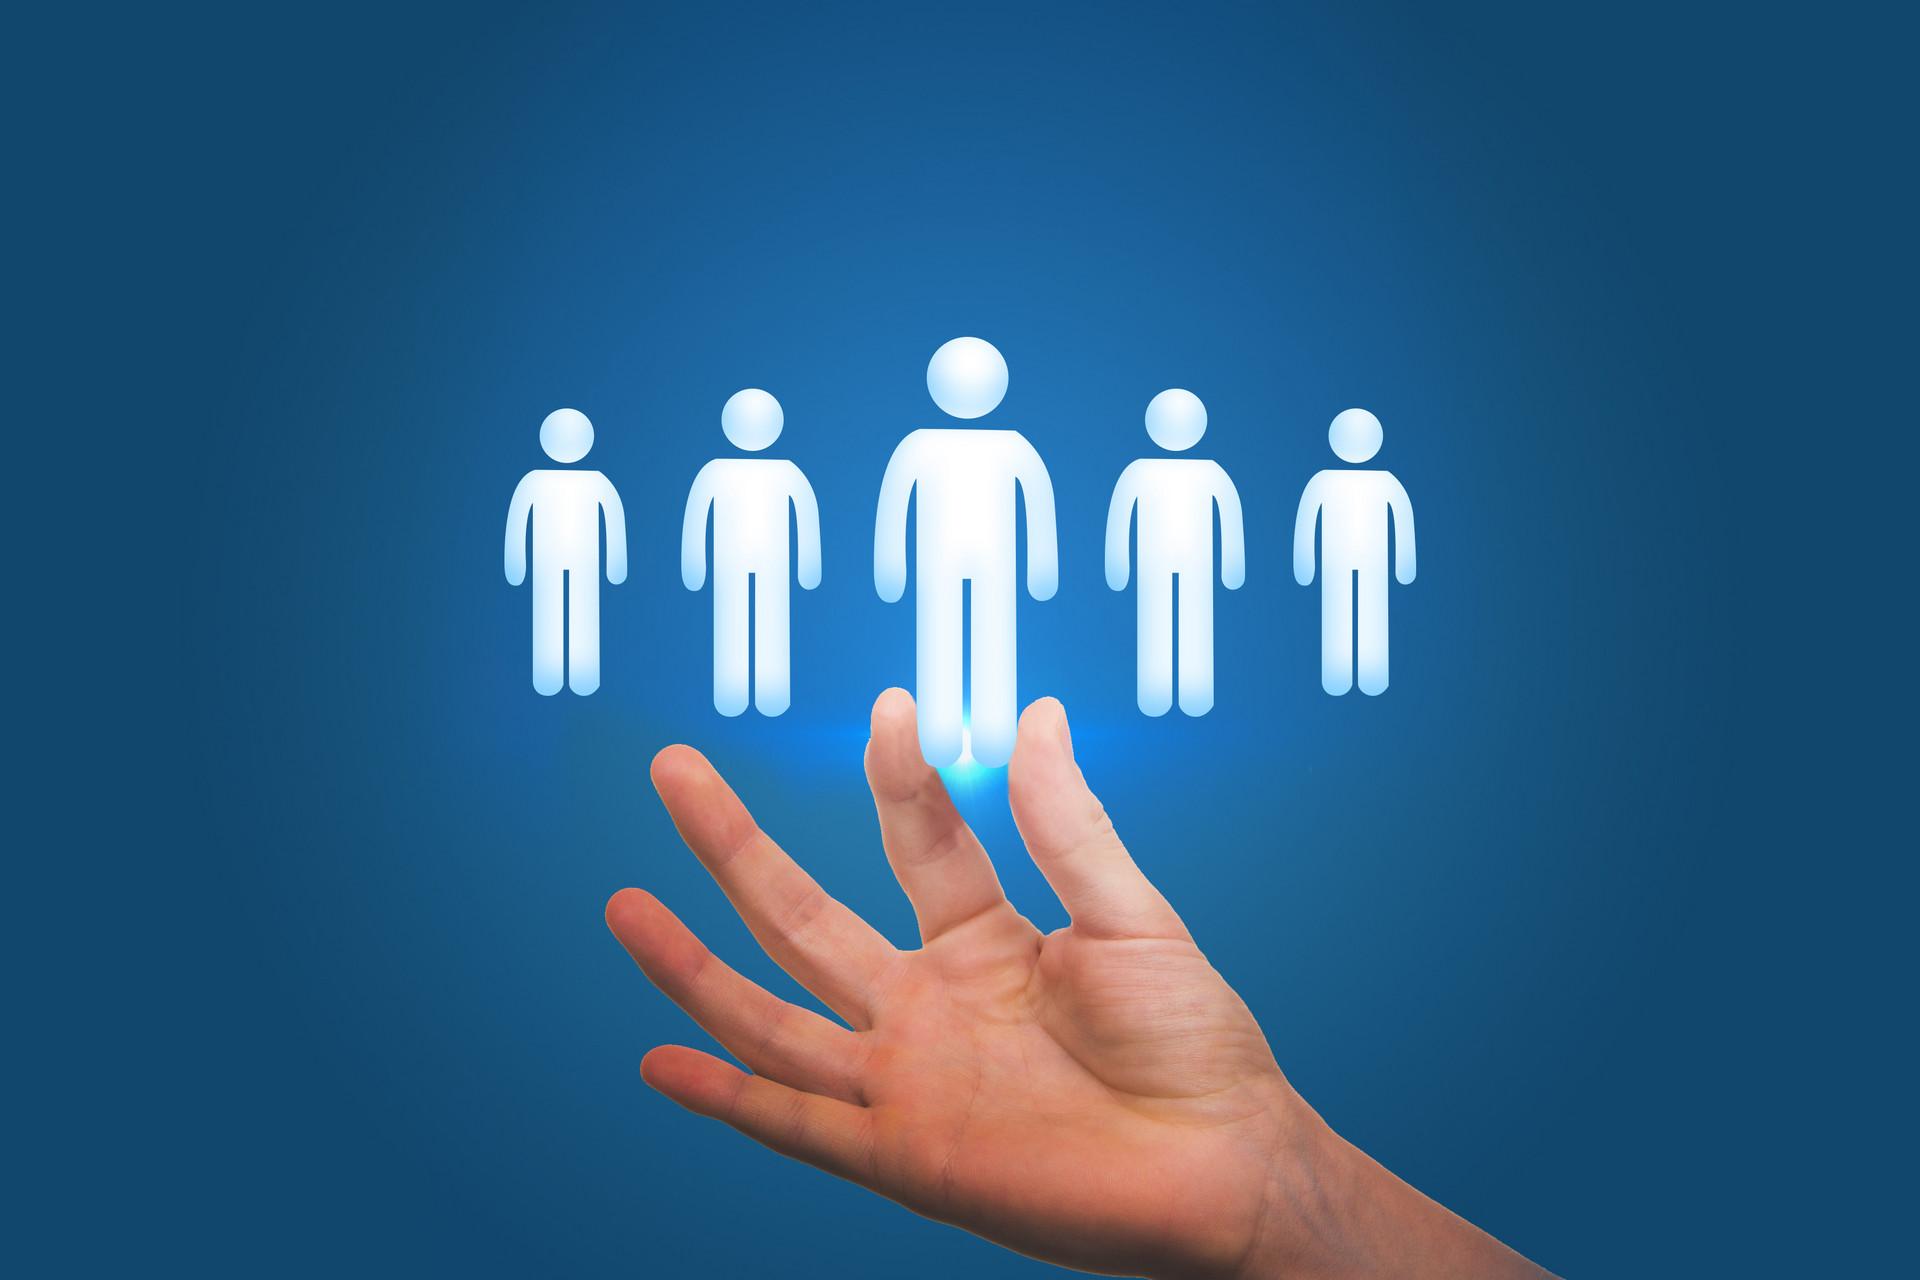 厦门社保代缴为用户提供的服务有哪些?